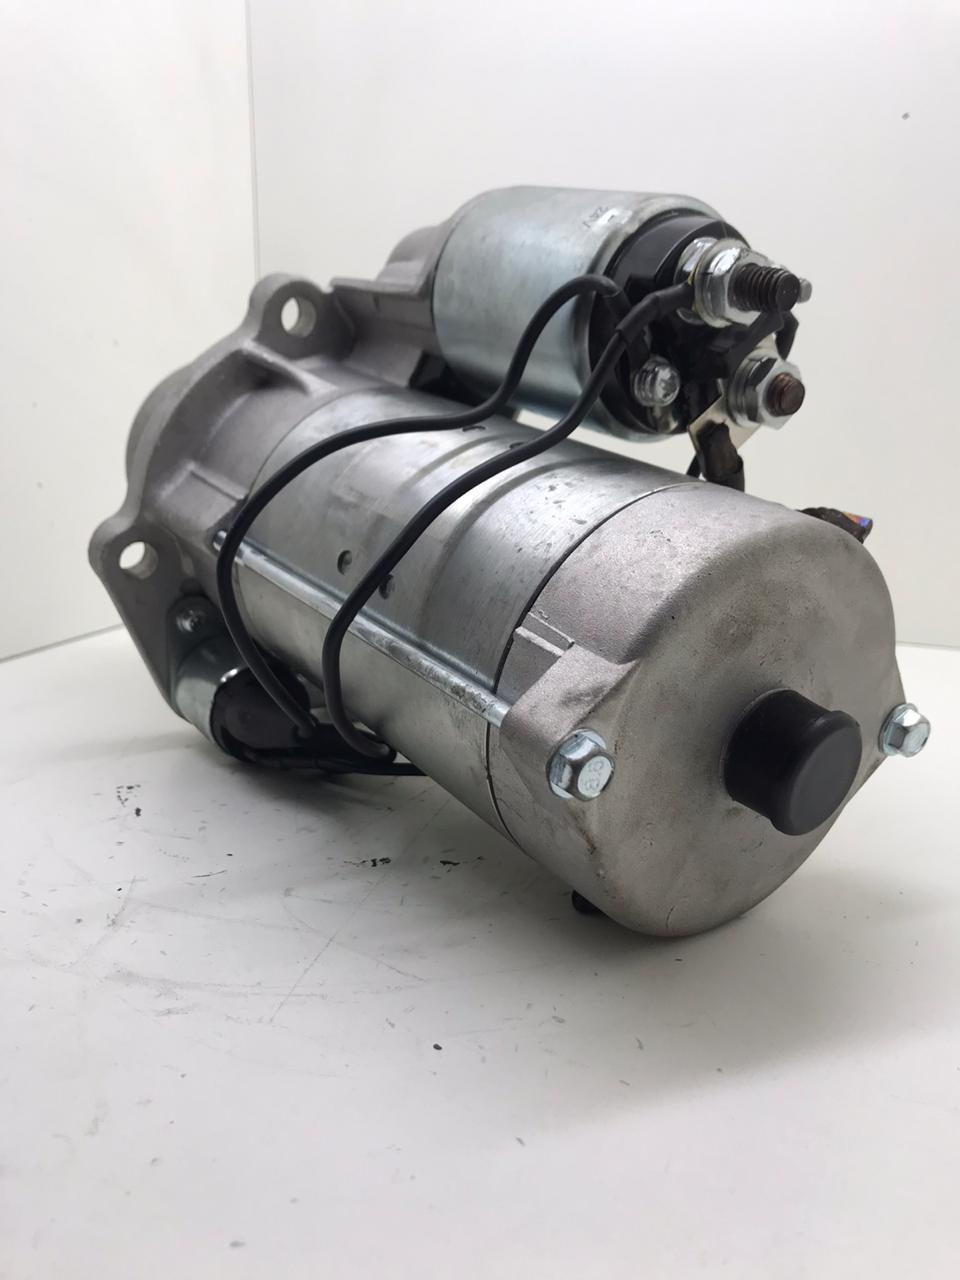 Motor De Arranque MBB SERIE 12T 14T 16T ATEGO AXOR BOSCH 24V 9 DENTES F042002093 0001231002 0041516201 0041518401 0051512001 0061512101  0001231033 82000168 36262016003 20602 8013004 AEC14062